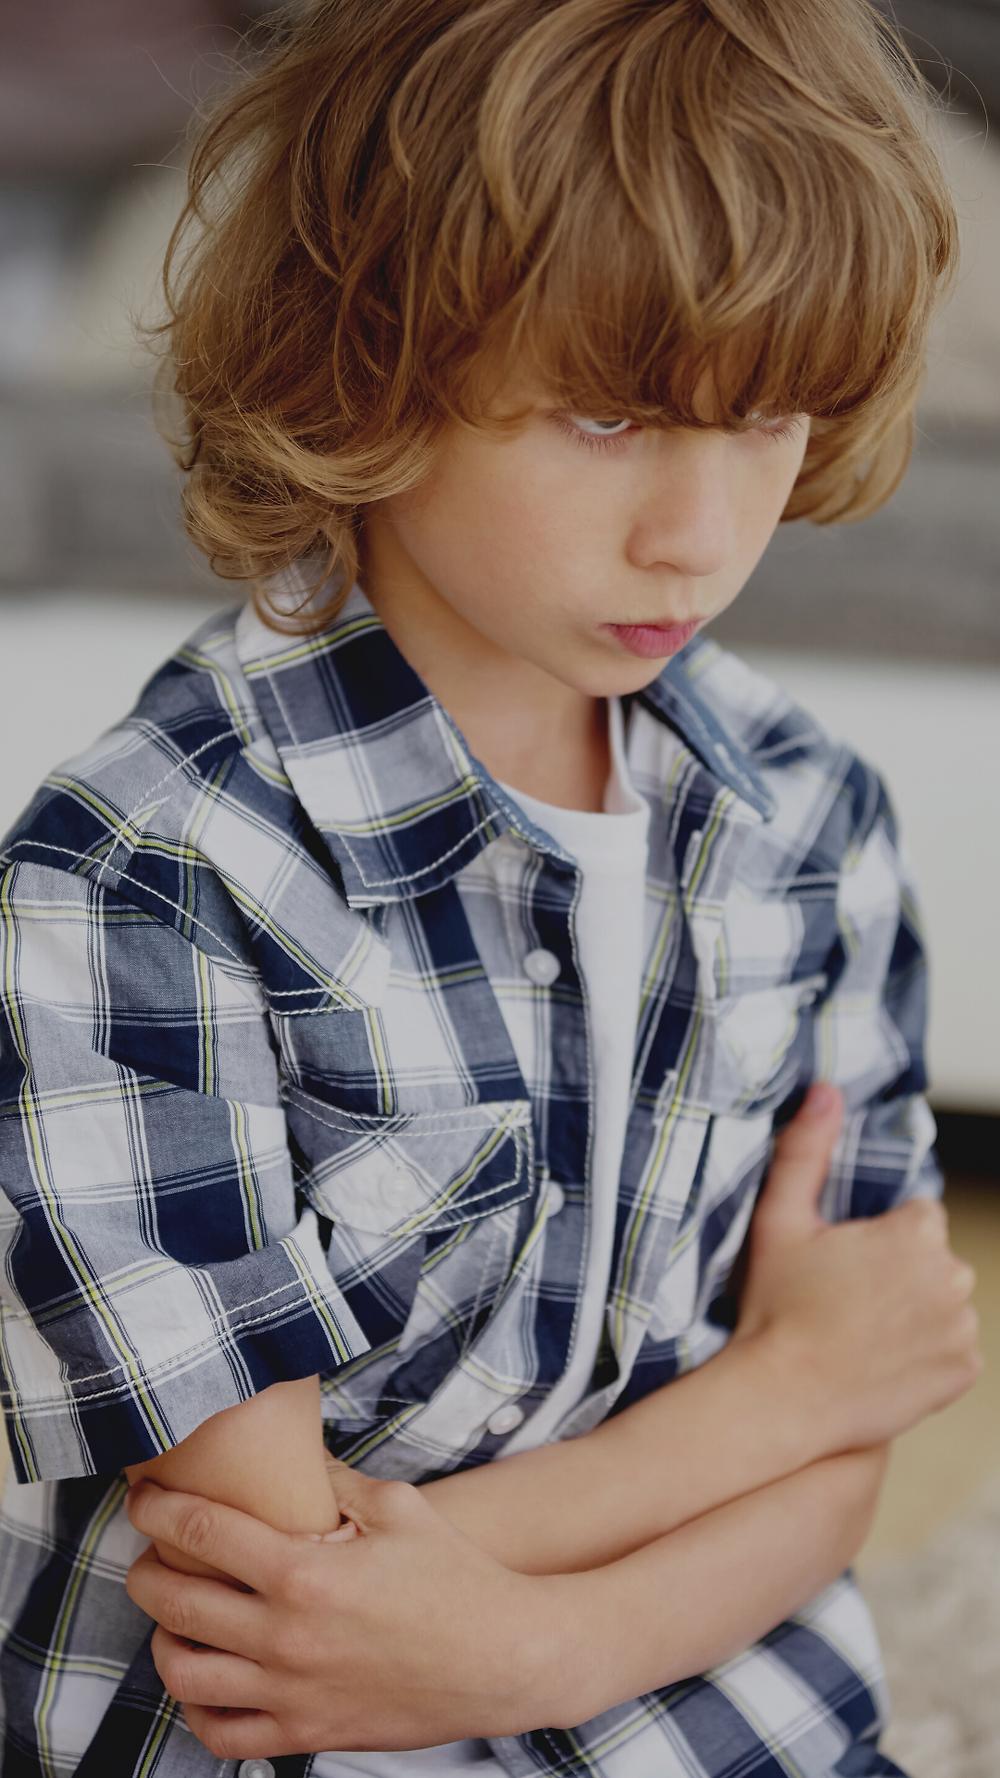 Kind mit vor der Brust verschränkten Armen und herabgesenktem, mürrisch wirkendem Blick, Quelle: Canva